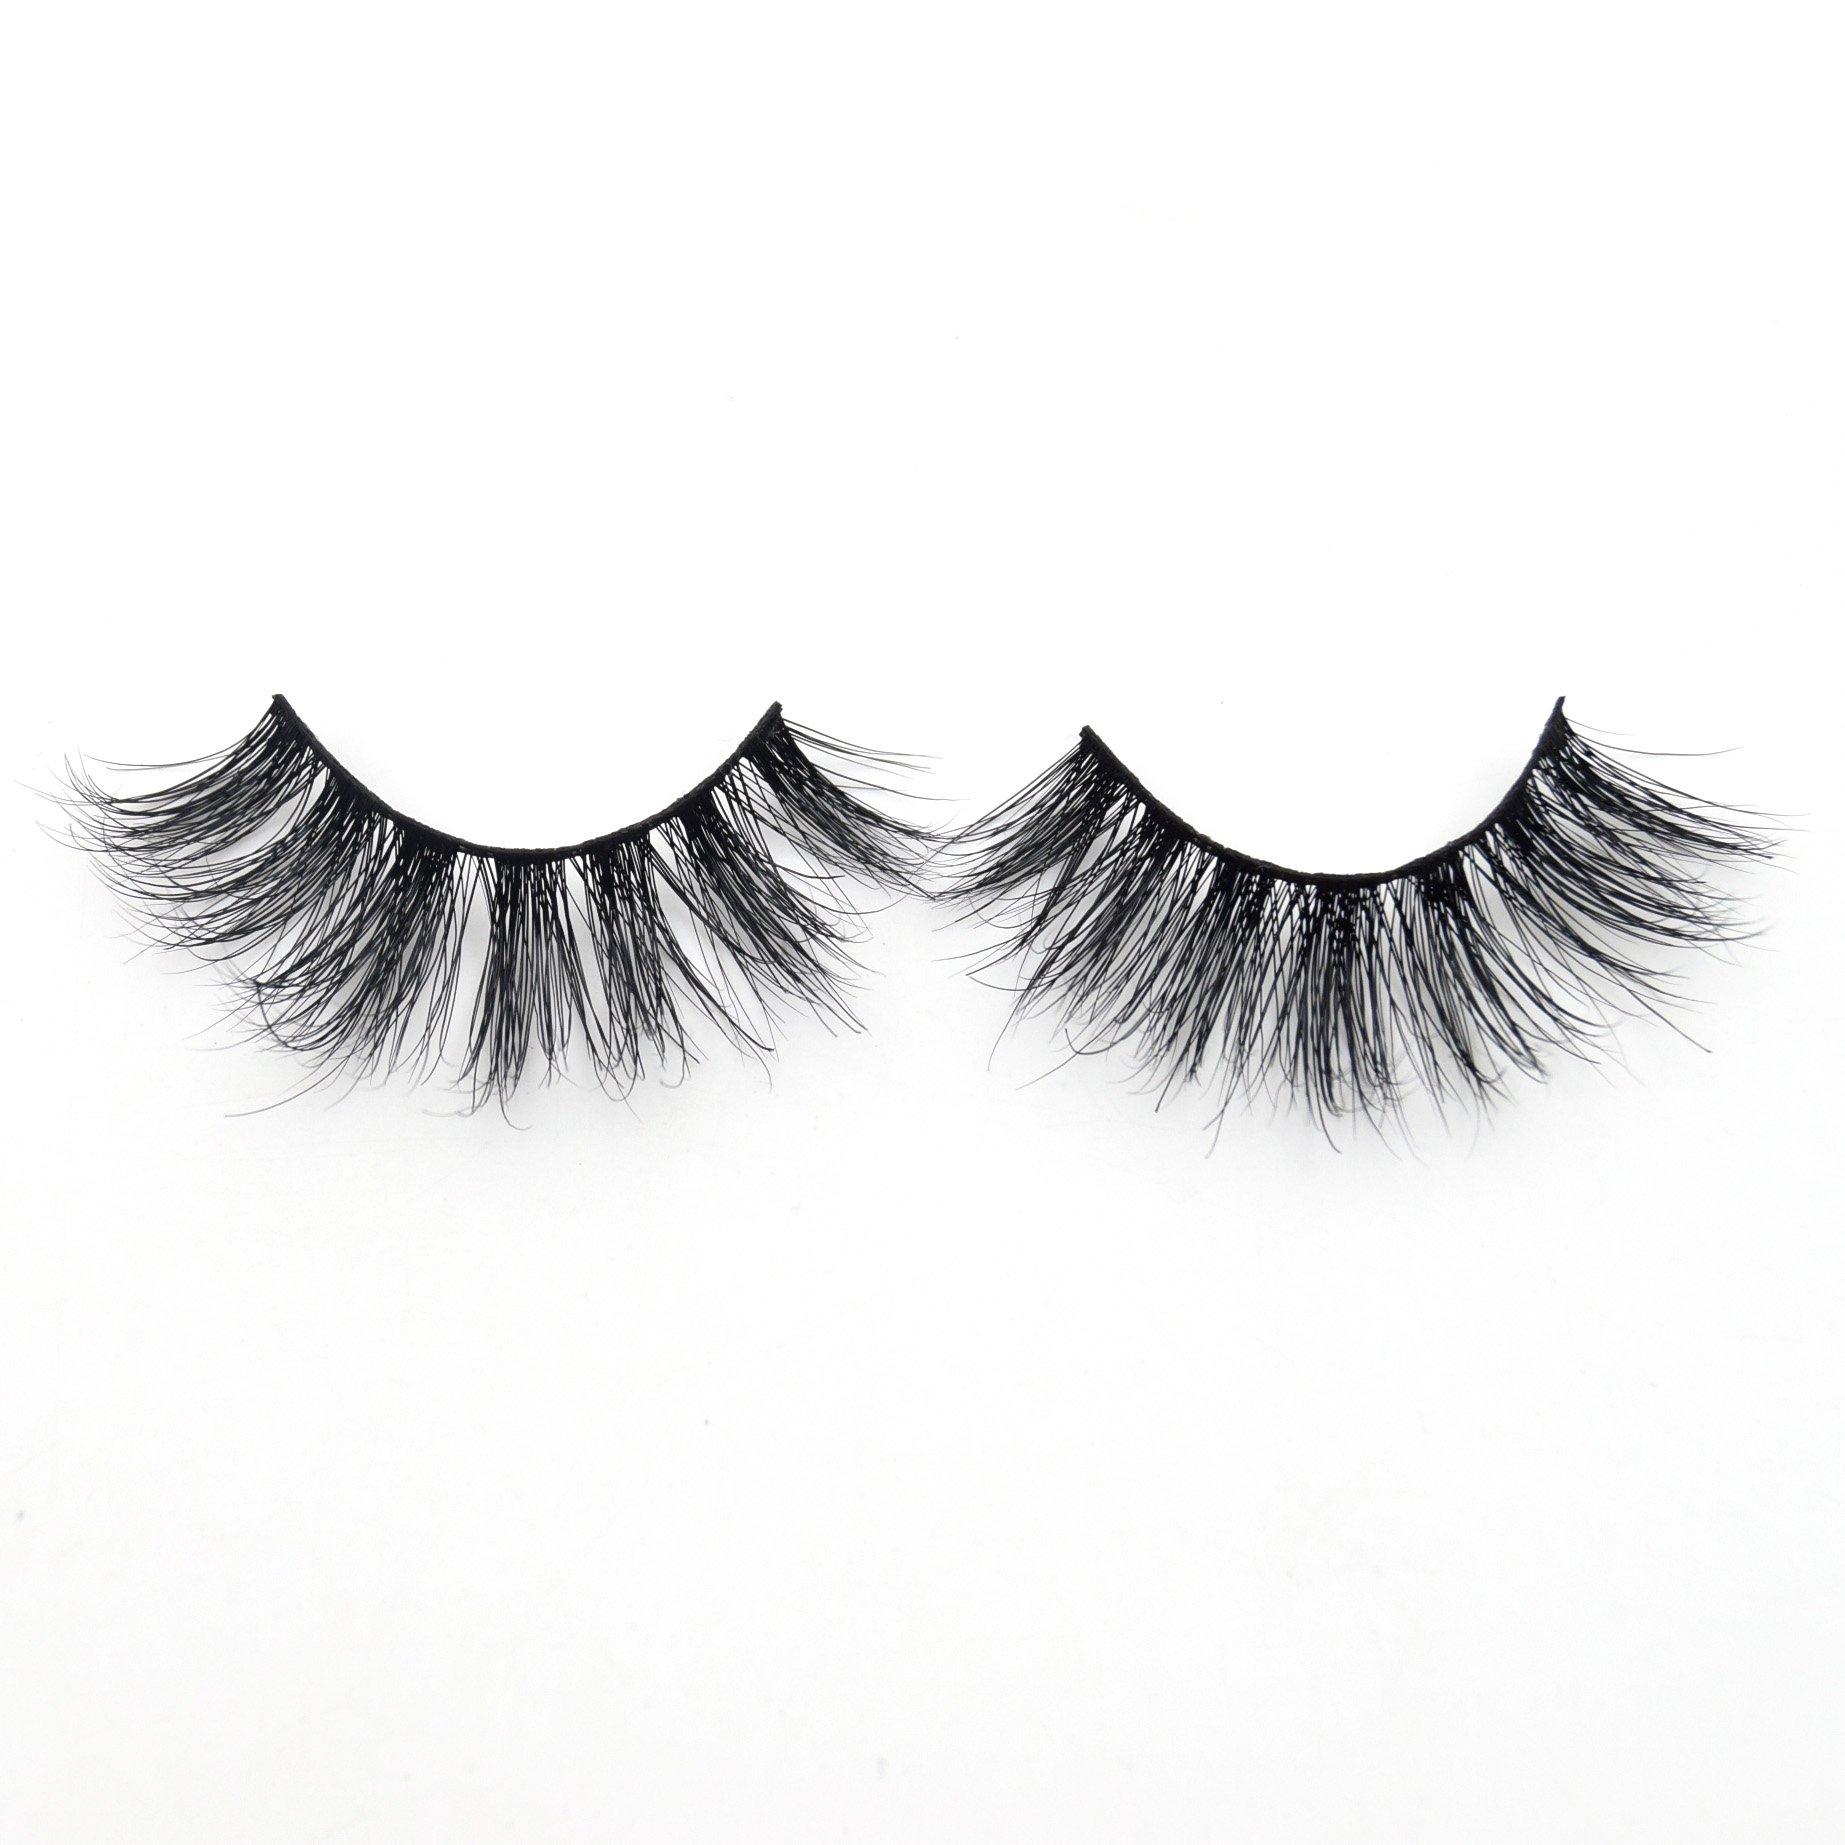 32e16d35b21 Amazon.com : Visofree Eyelashes Luxury 3D Mink Lashes Cruelty Free False  Eyelashes/Upper Lashes : Beauty